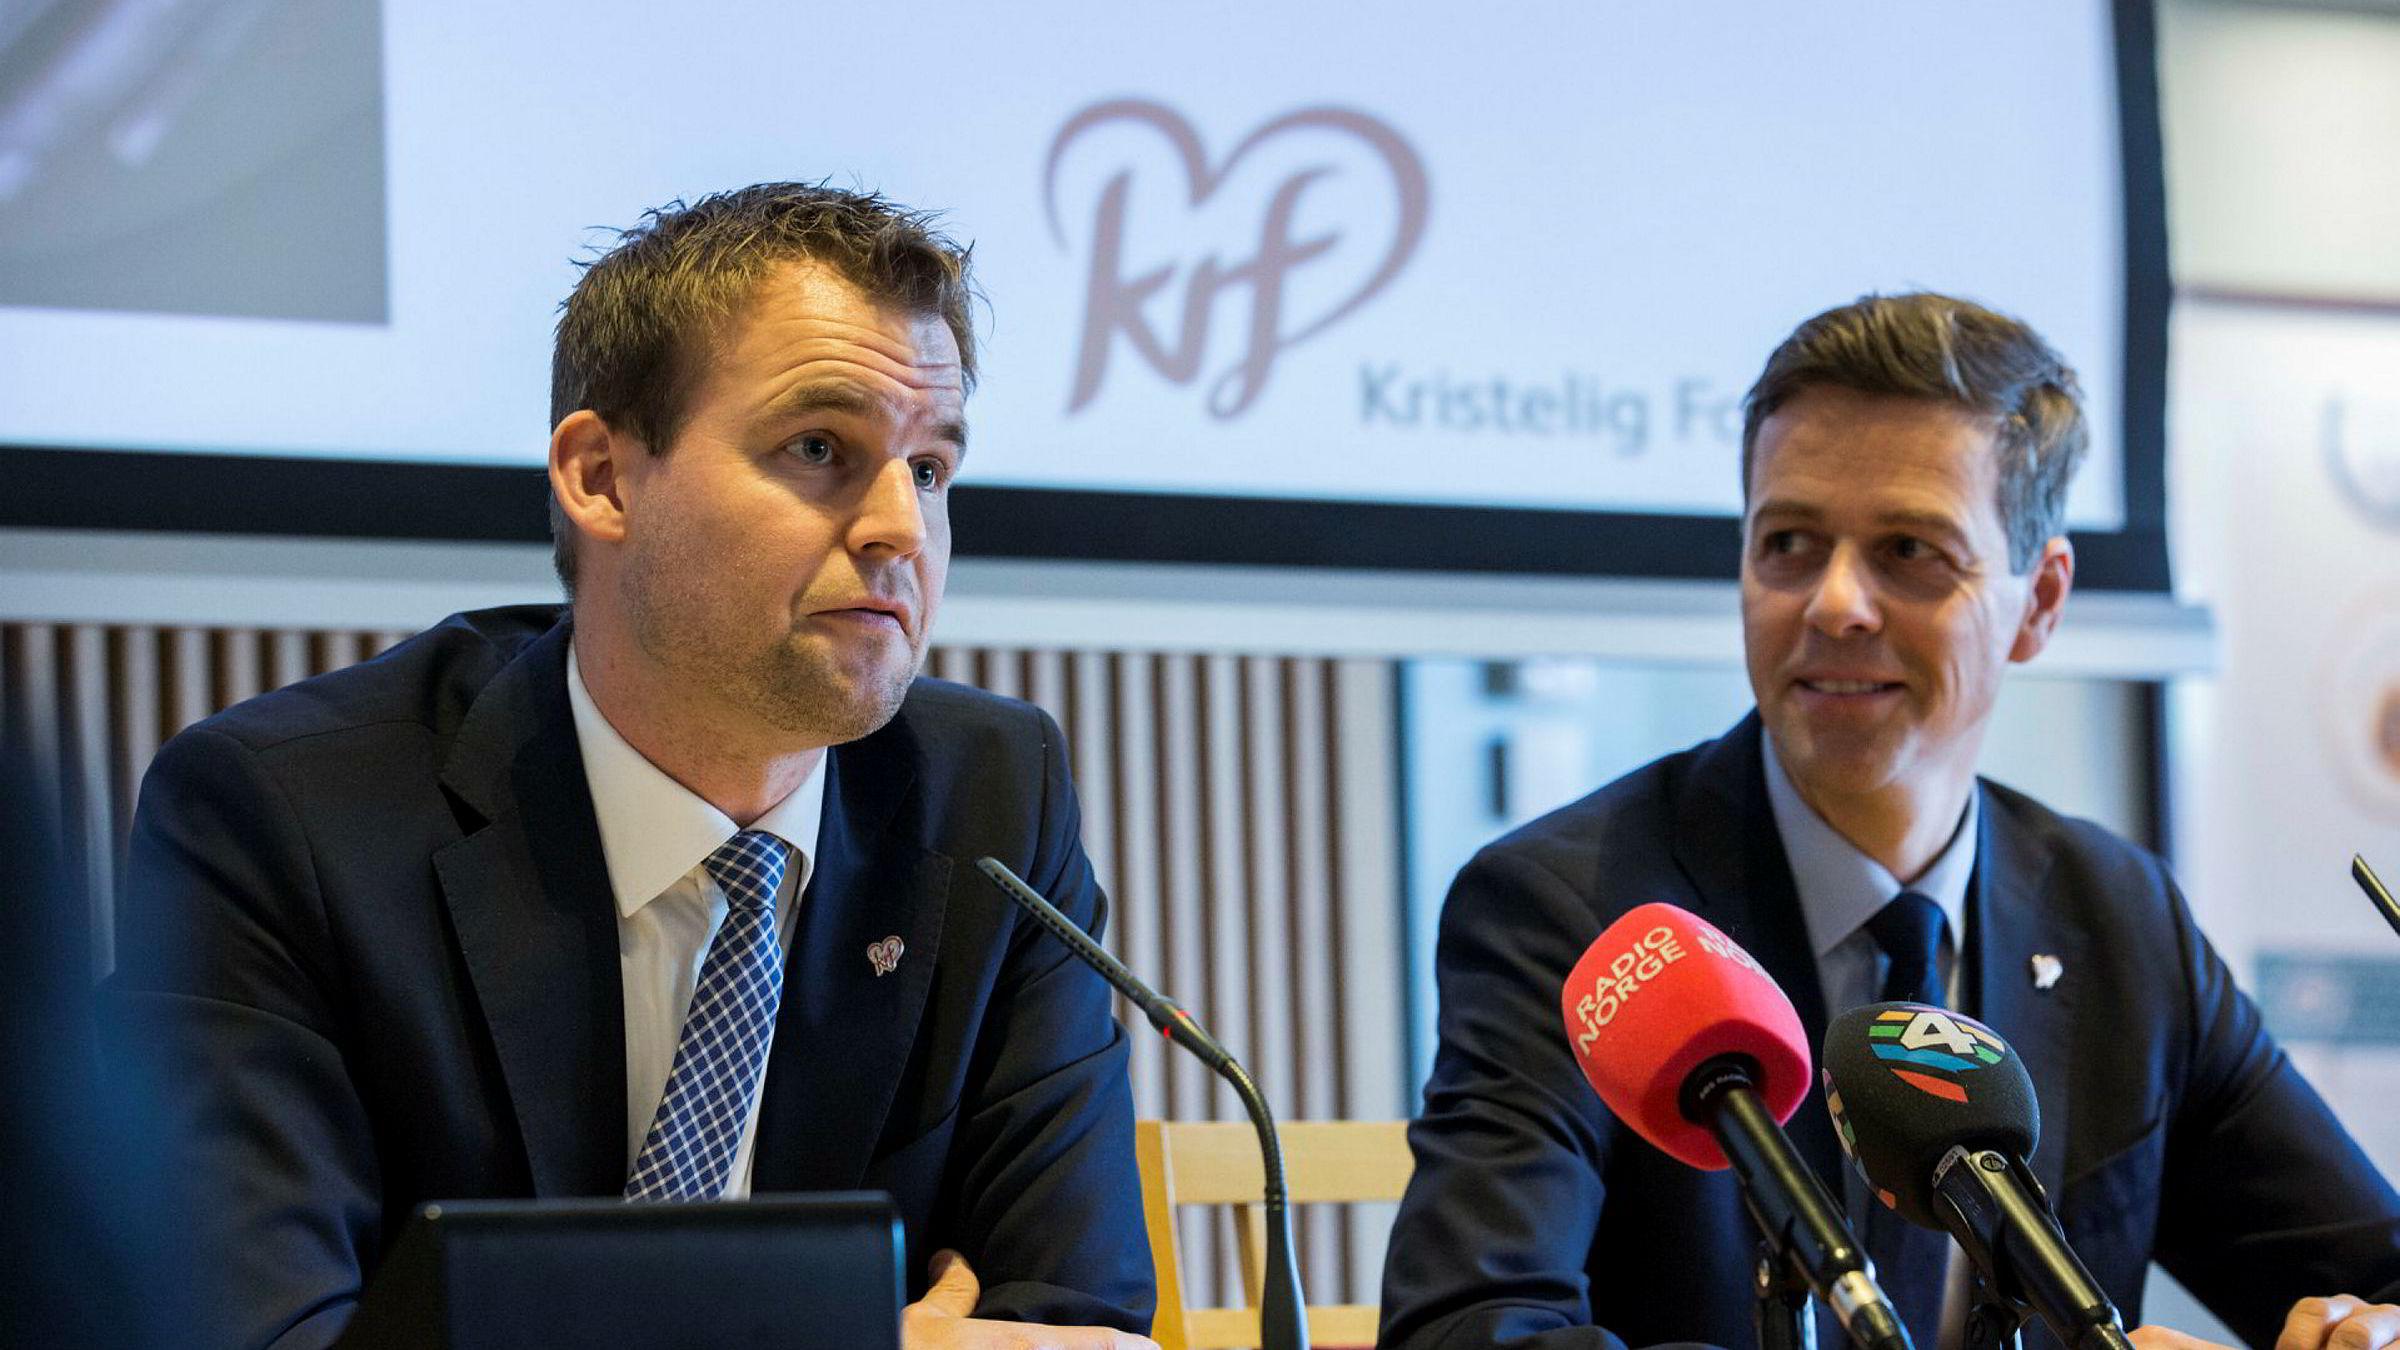 KrF-ledelsen, her ved partileder Knut Arild Hareide (t.h) og nestleder Kjell Ingolf Ropstad (t.v.), måtte tåle krass kritikk fra sine egne i en intern evaluering av det svake valgresultatet i 2017